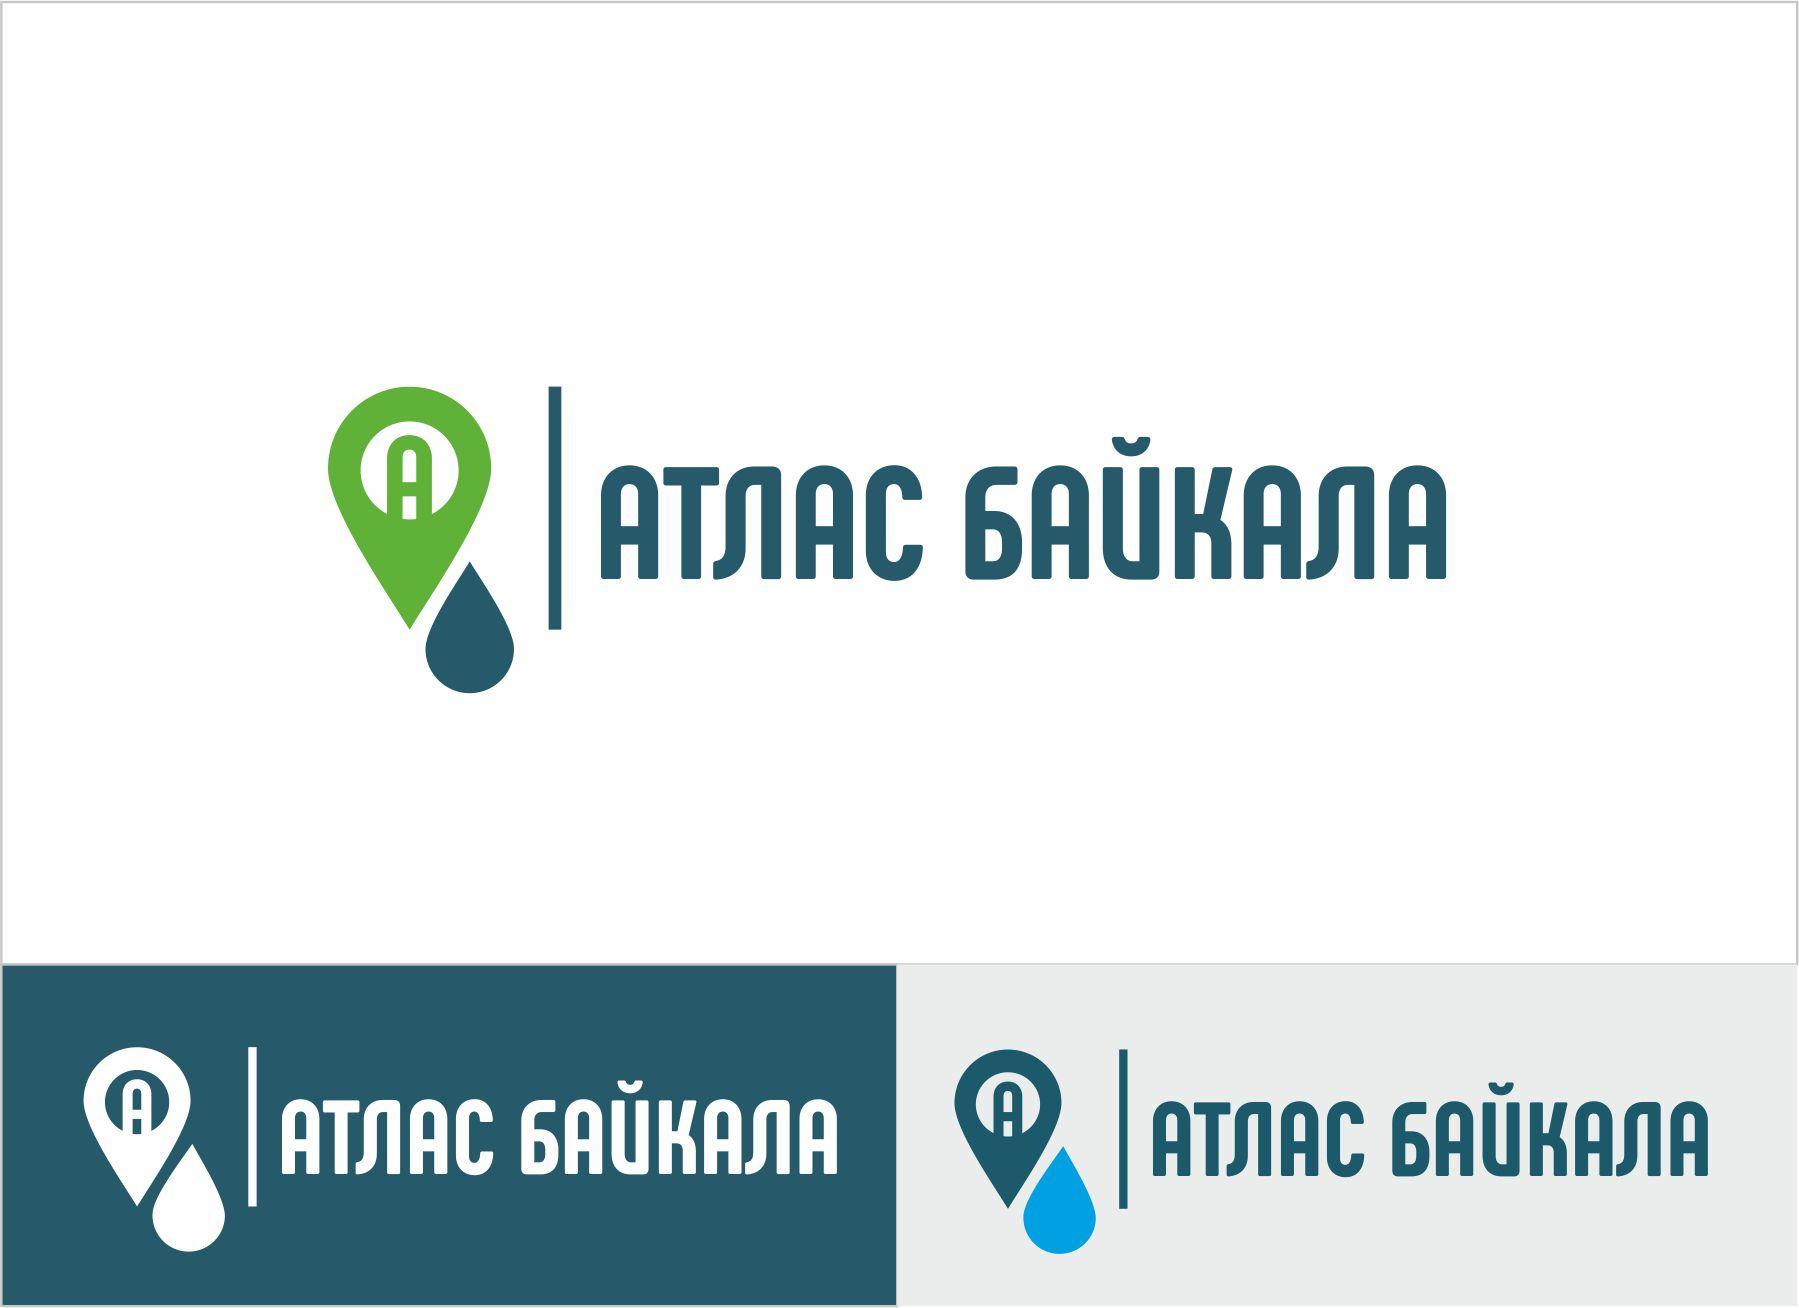 Разработка логотипа Атлас Байкала фото f_0795b0925936f621.jpg